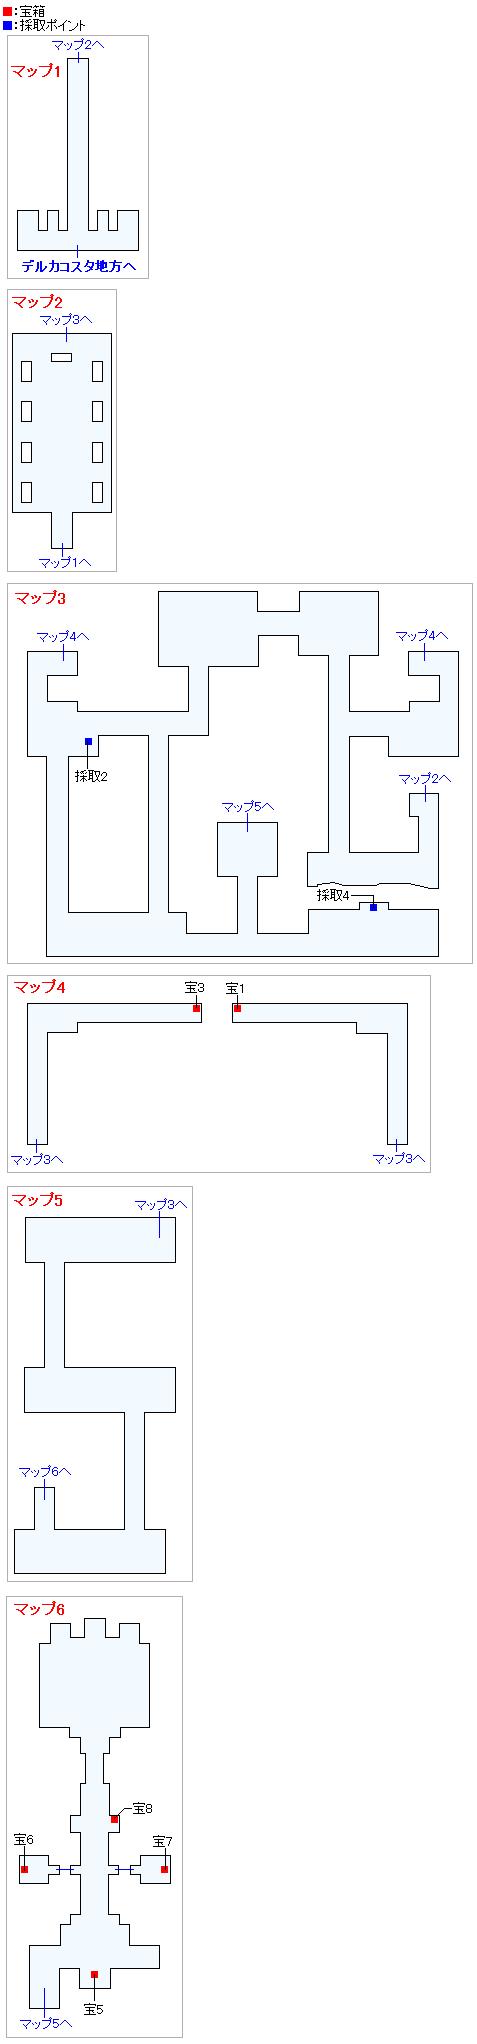 デルカダール神殿(2Dモード)のマップ画像